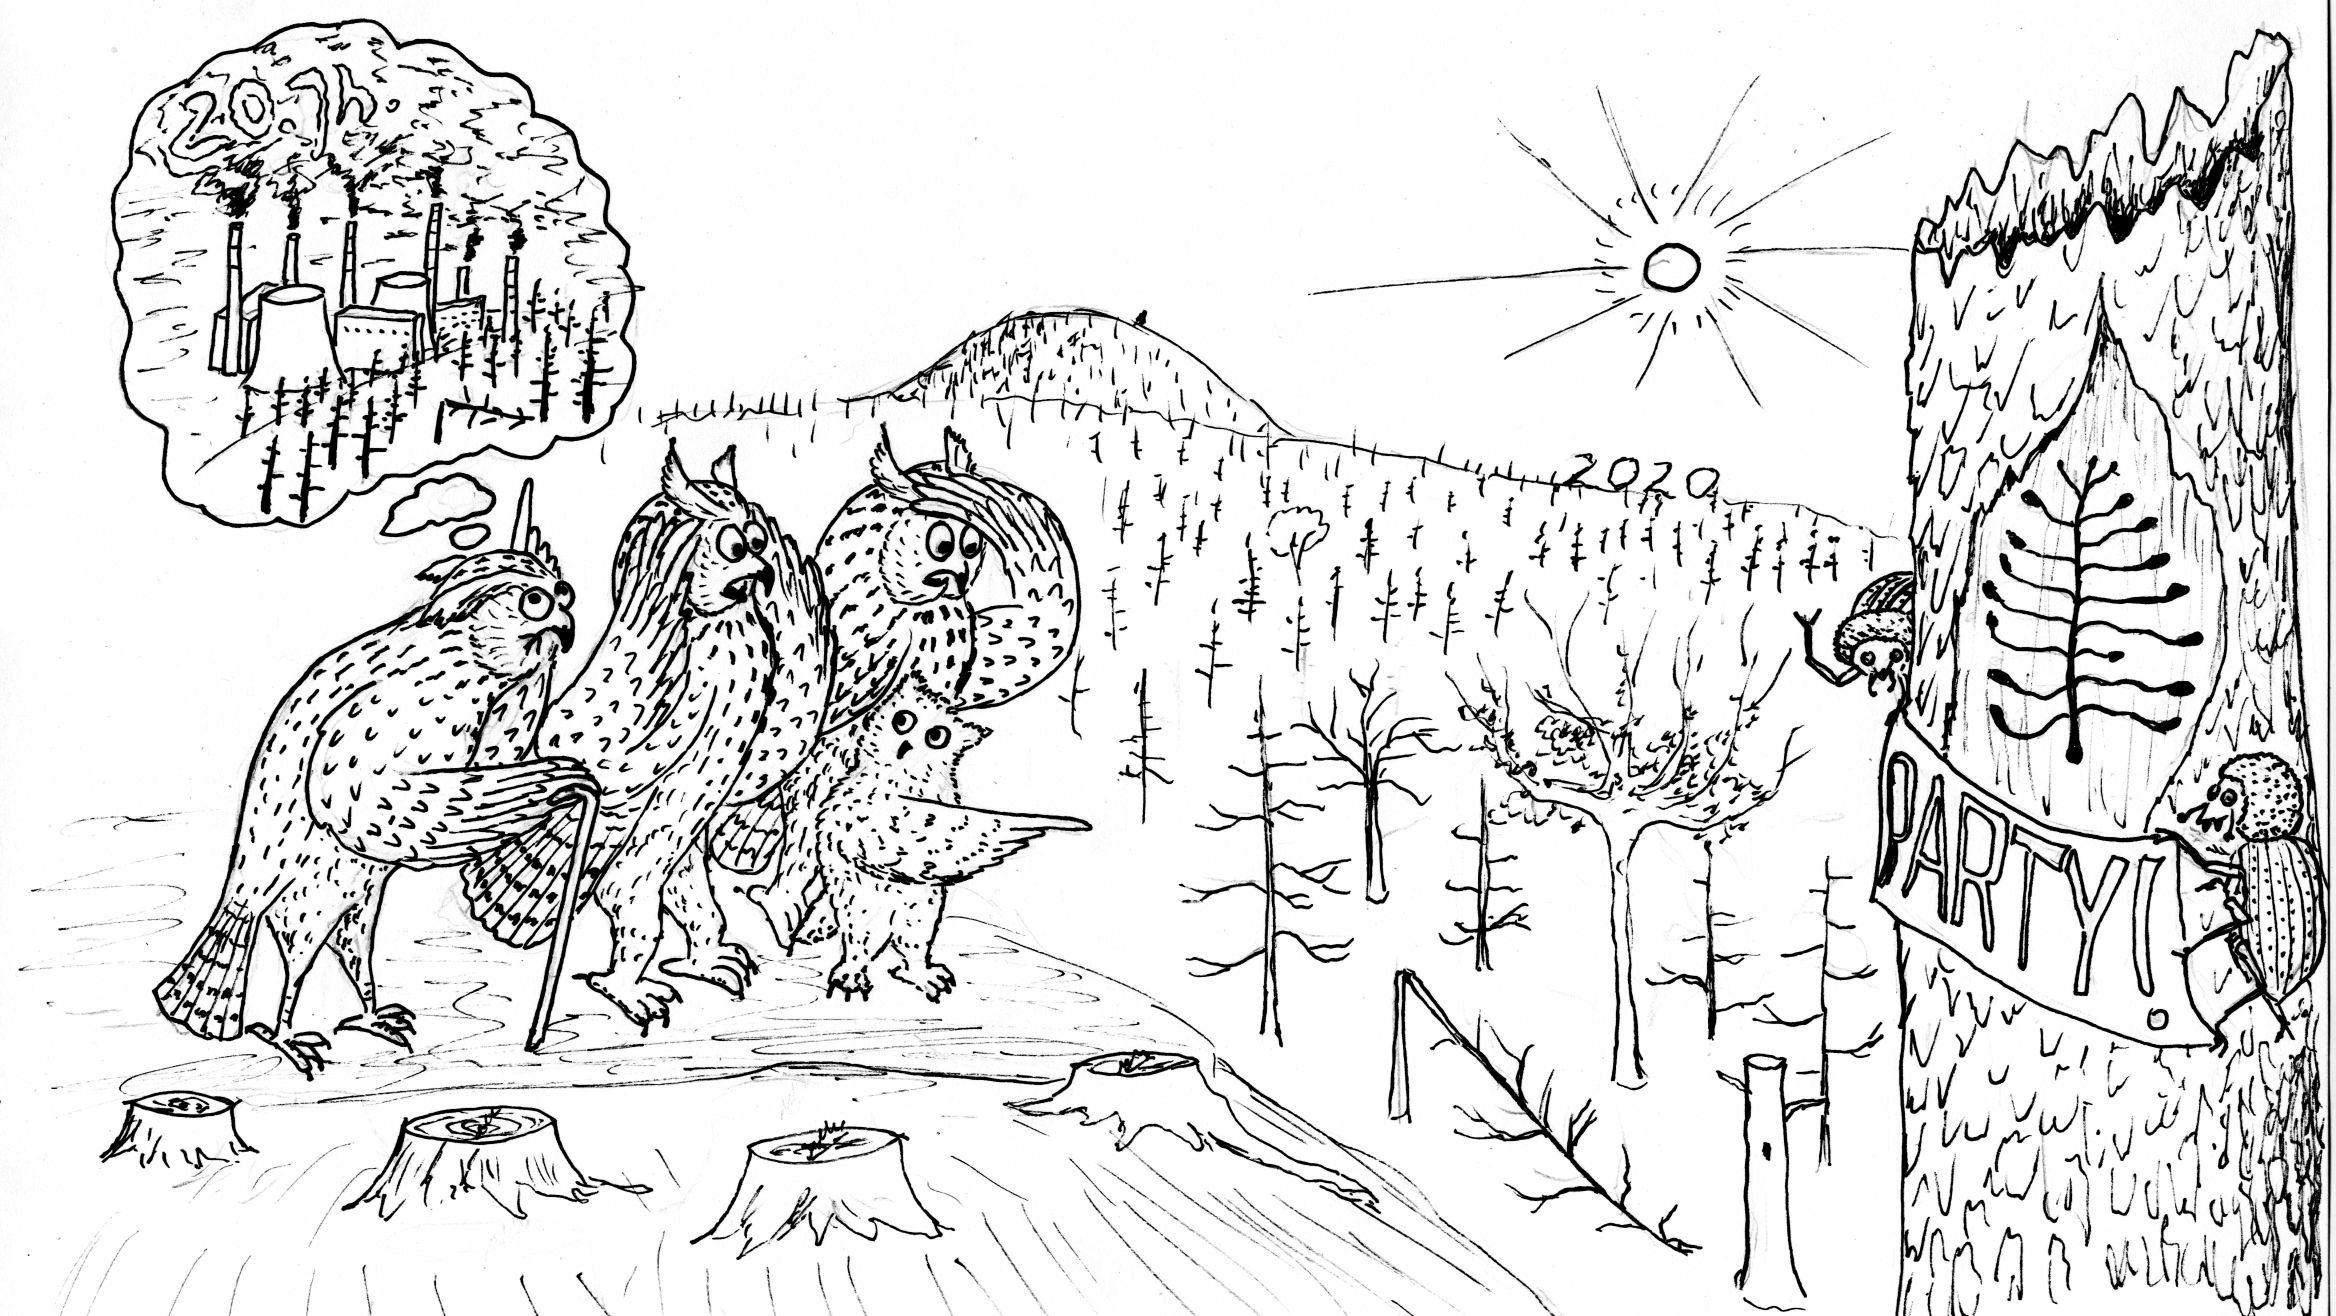 Sächsischer Waldzustandsbericht 2020 veröffentlicht